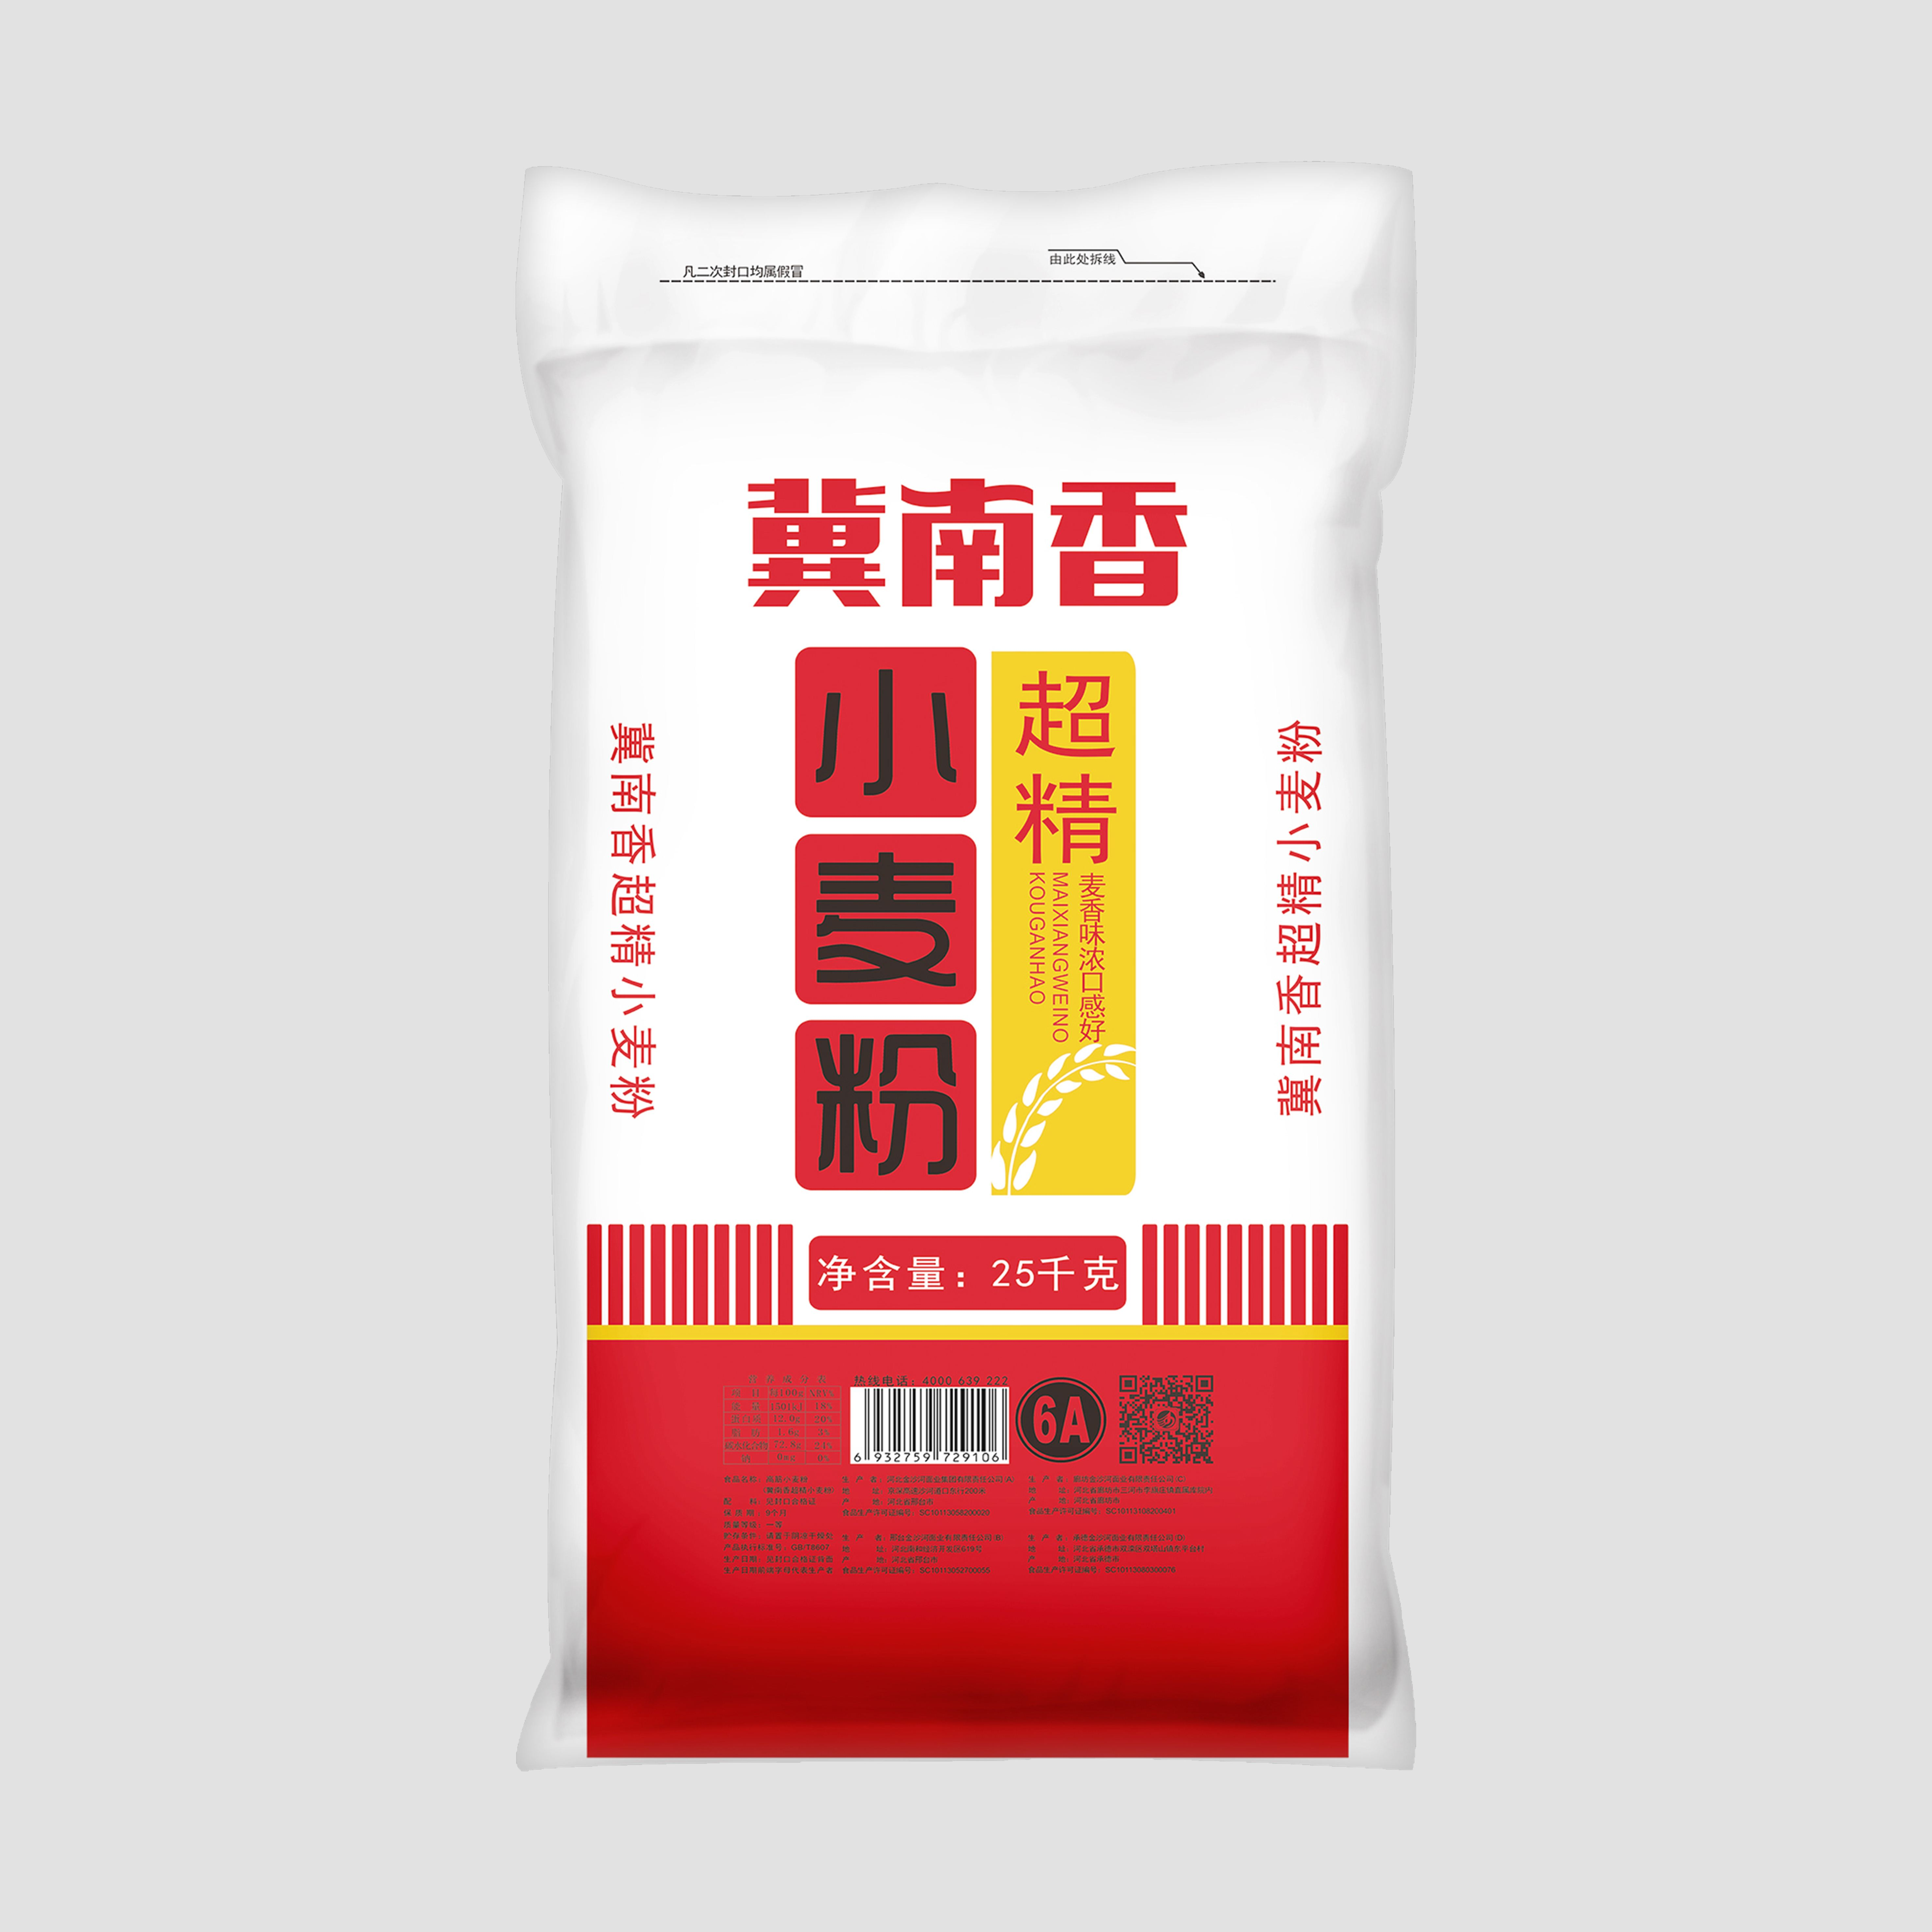 超精小麦粉